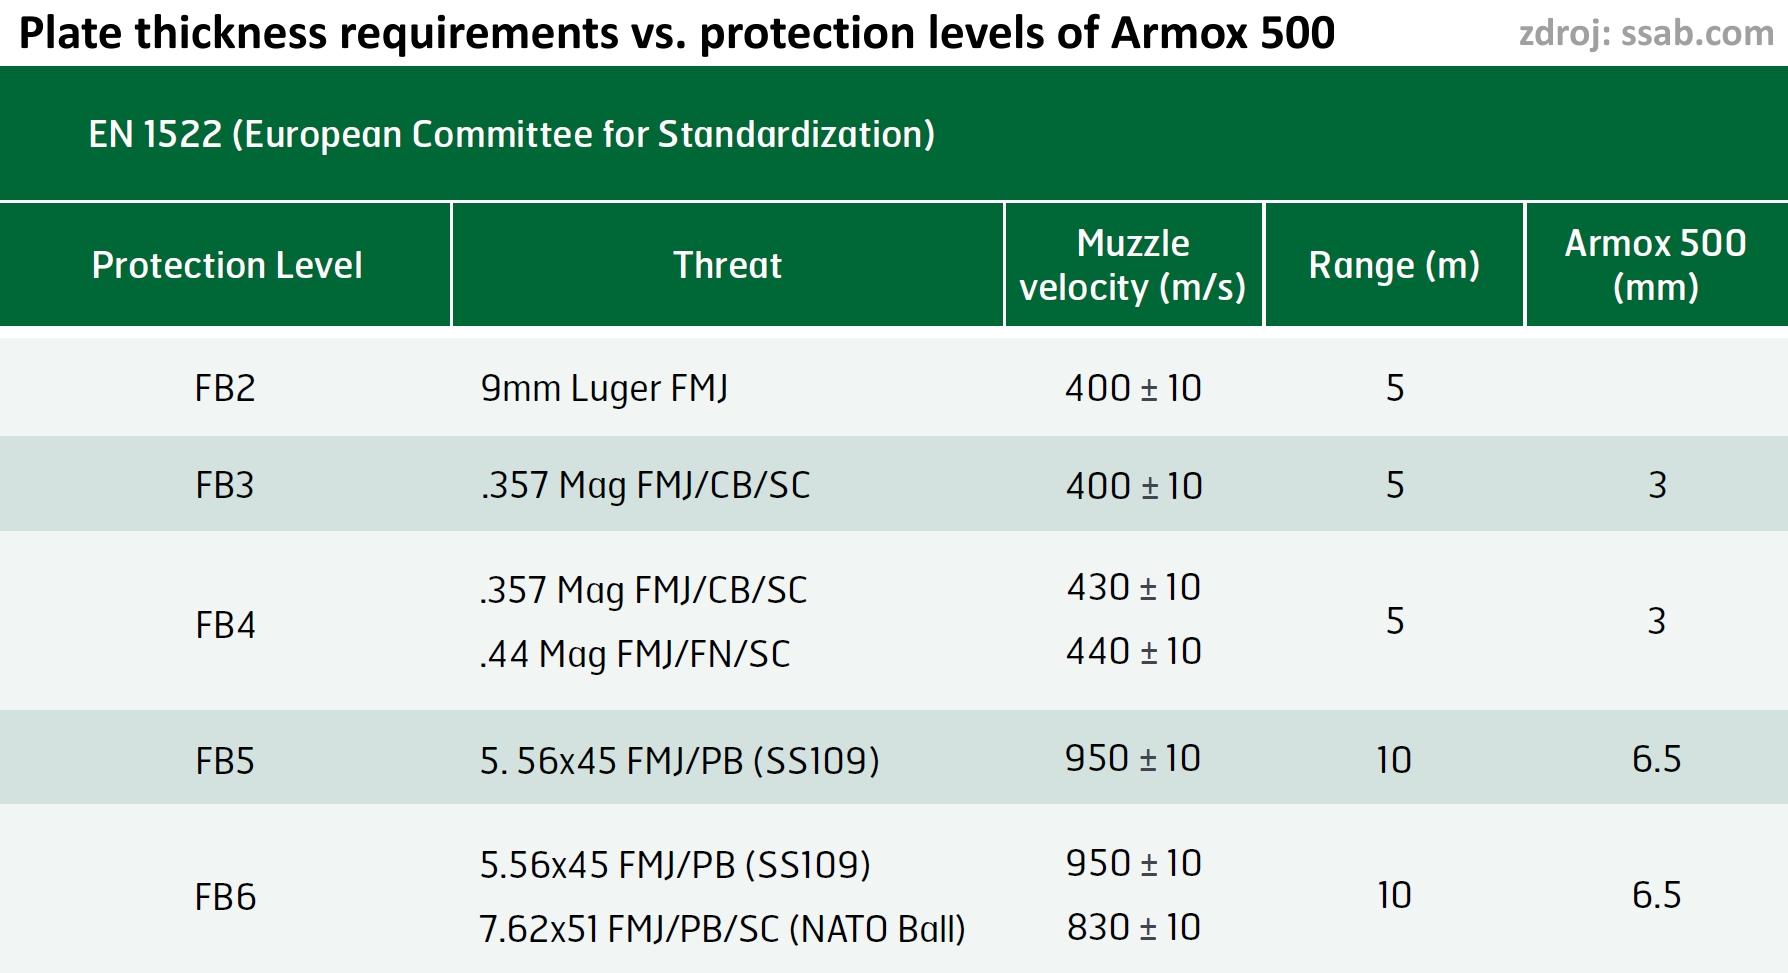 Proč prodáváme 6,5 mm Armox 500 a nikoli jen 6 mm ?